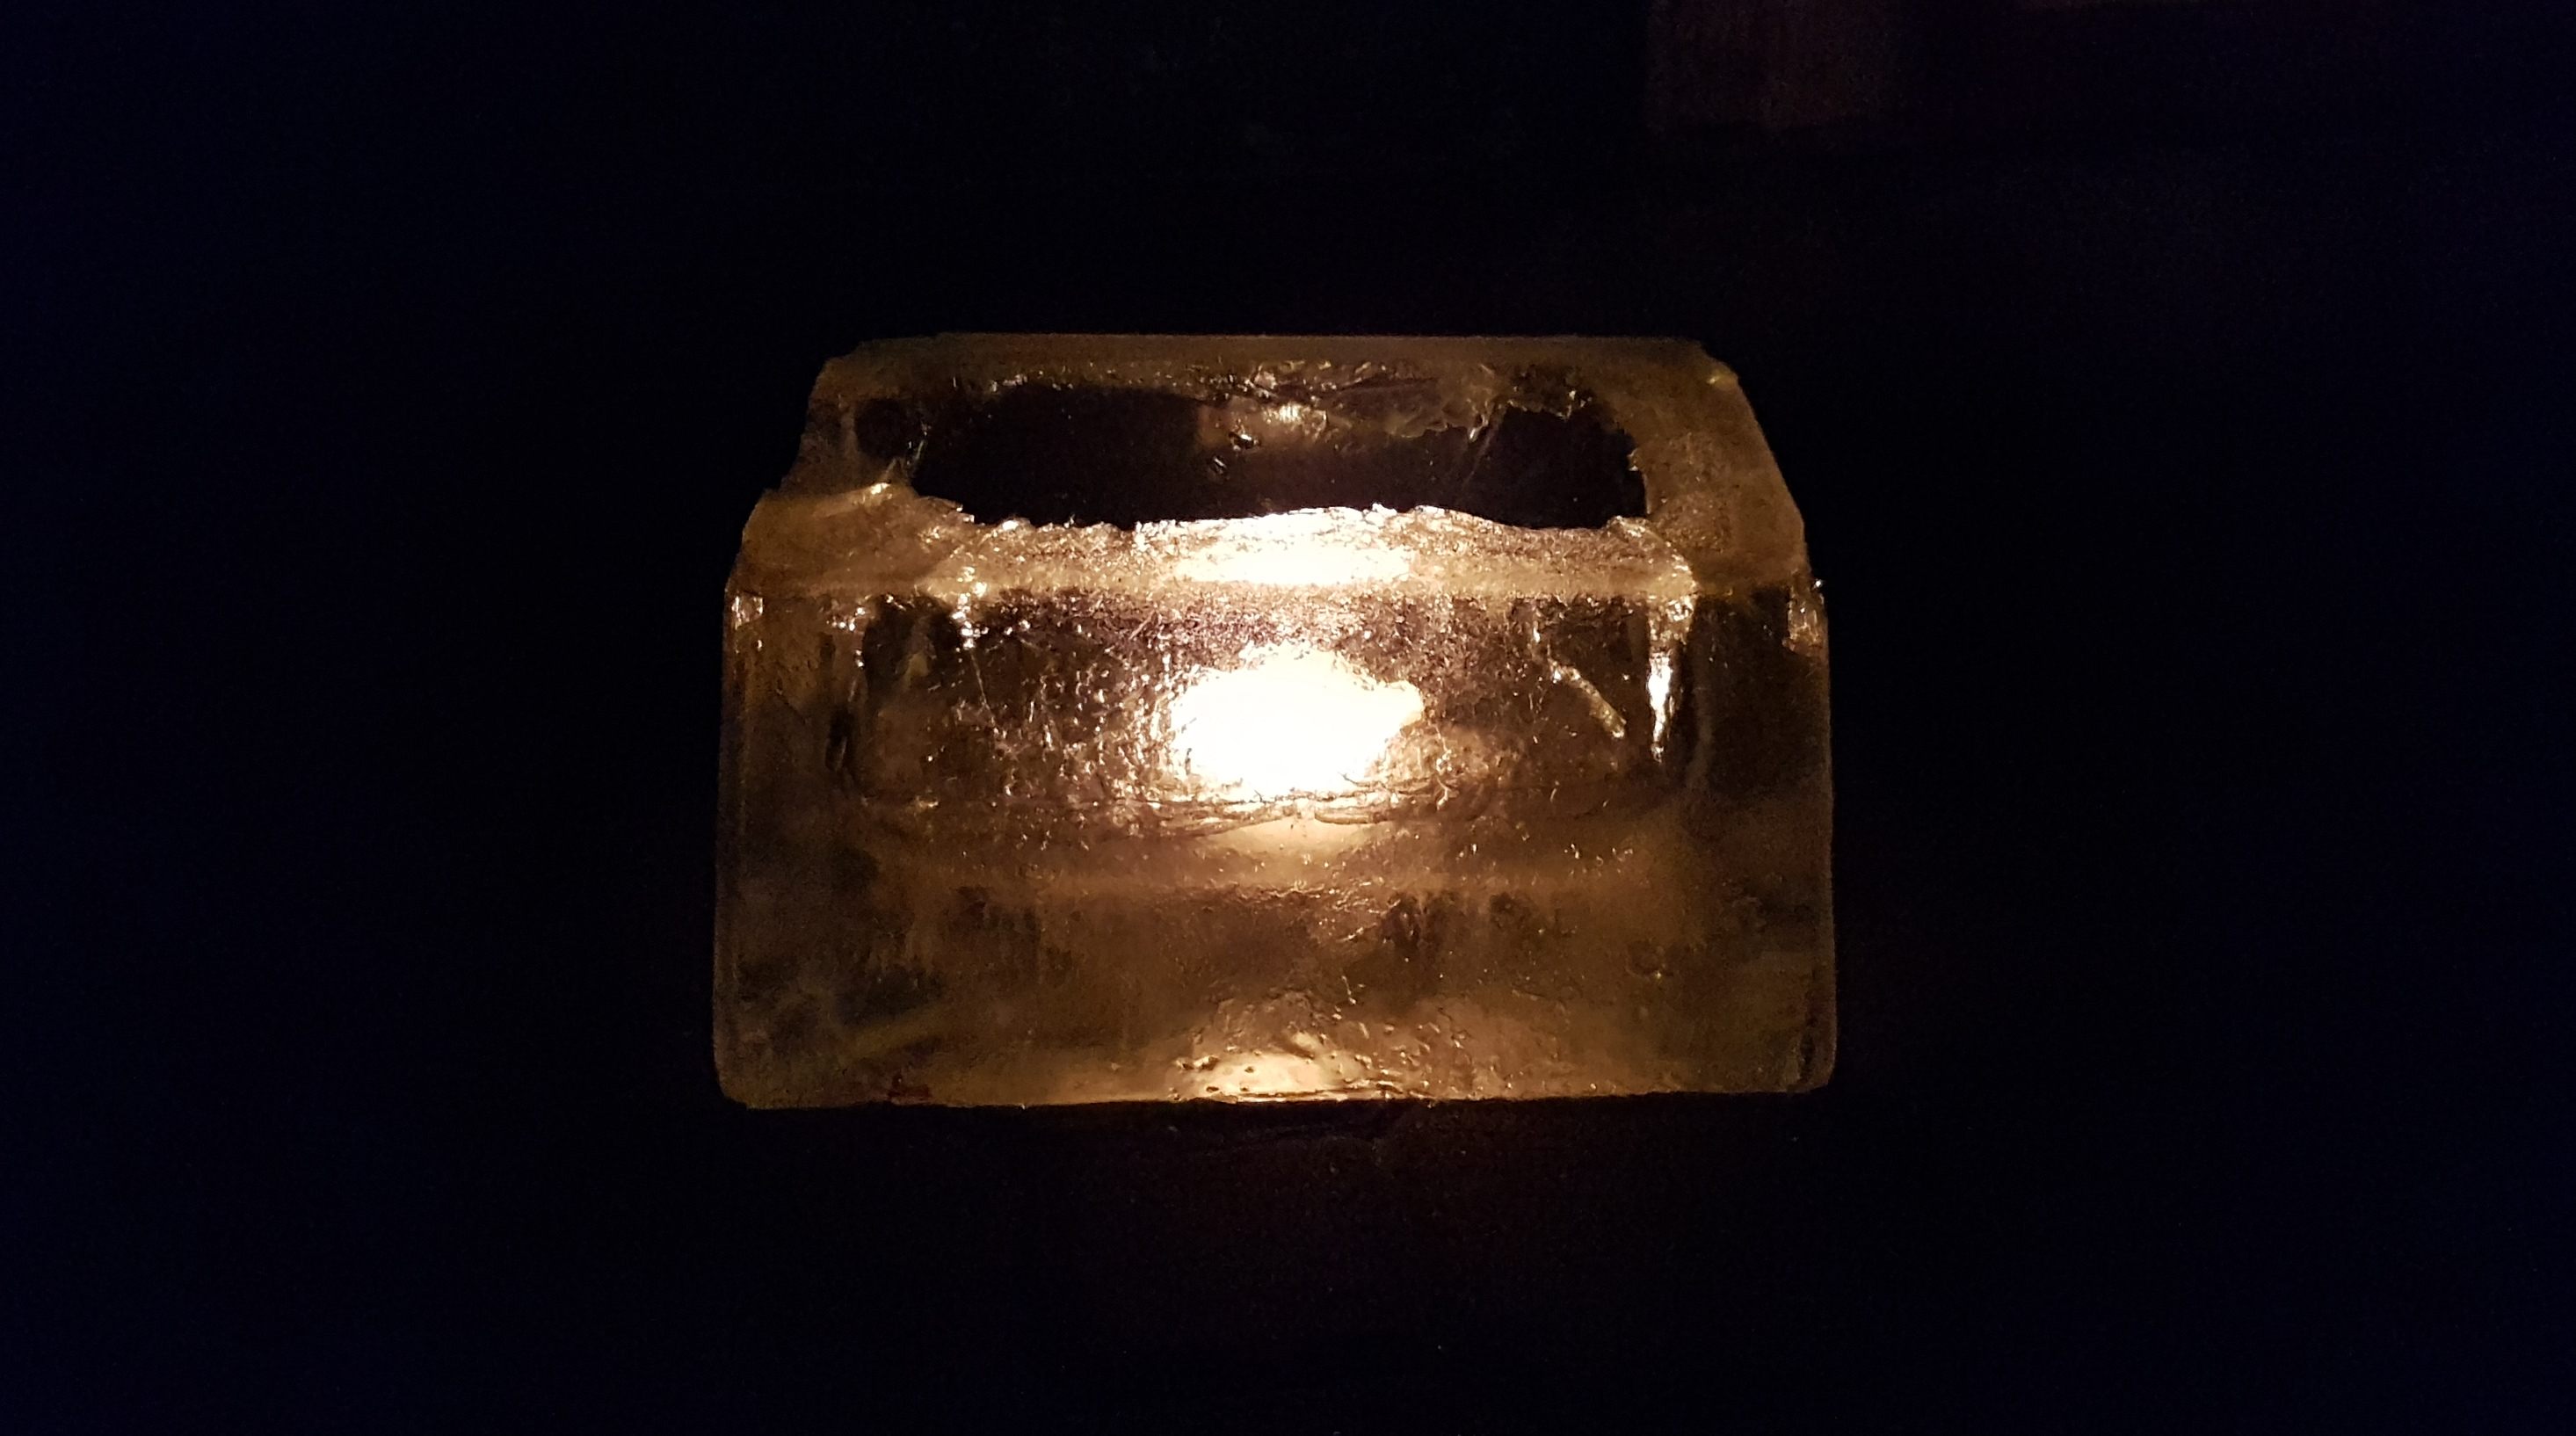 Kerzenschein Aus Dem Eisblock